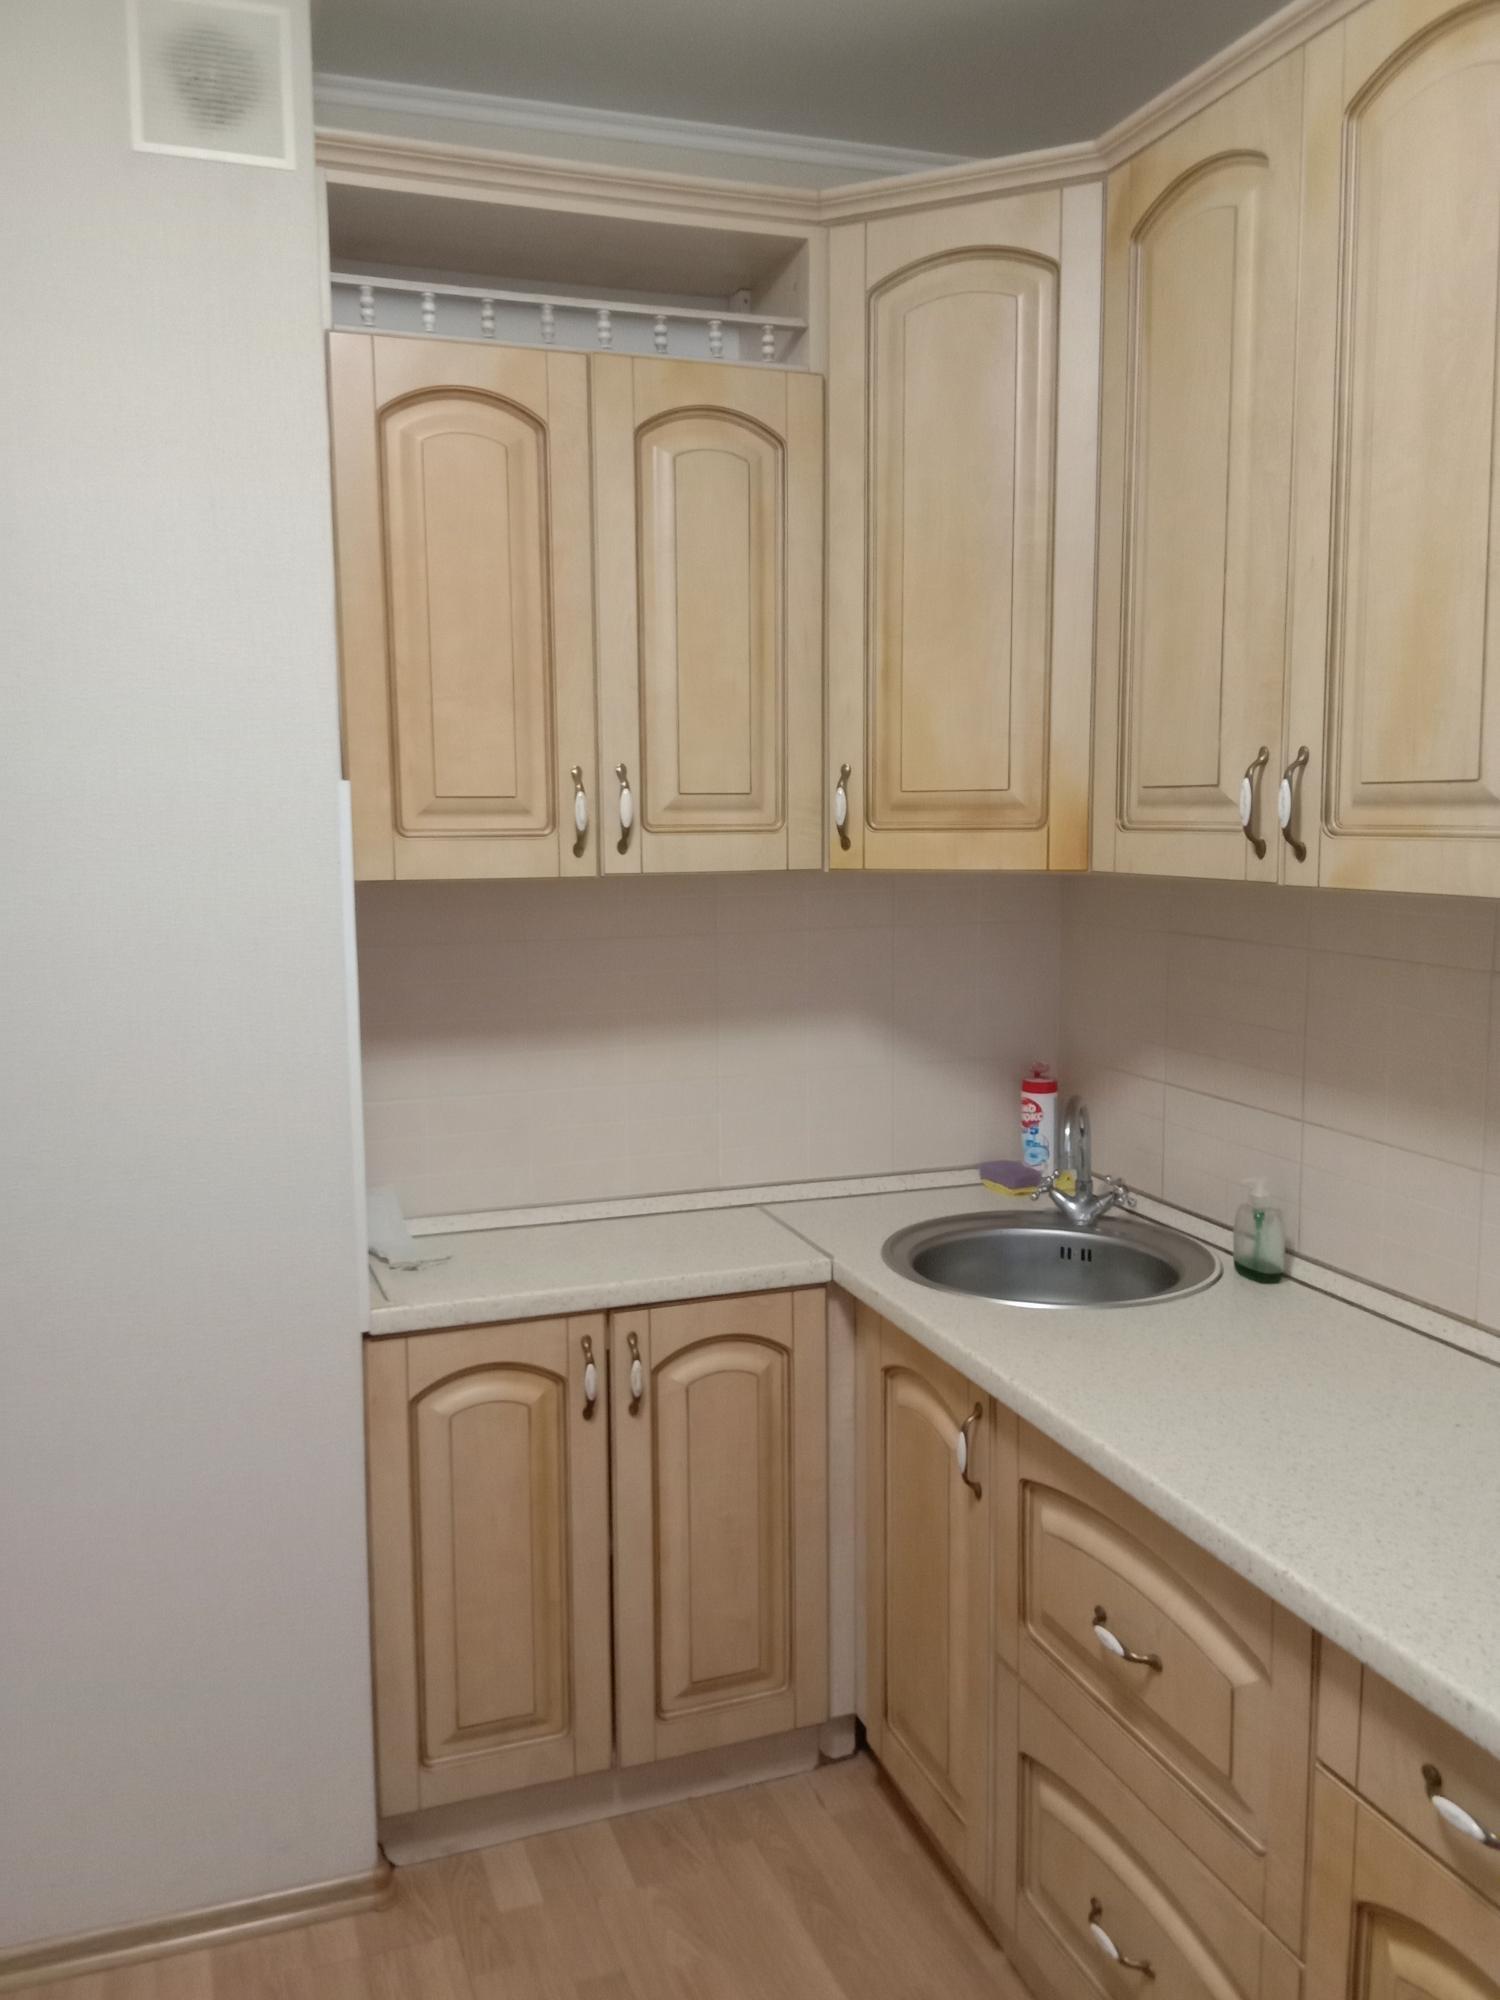 Квартира, 1 комната, 43.2 м² в Балашихе 89258773124 купить 2